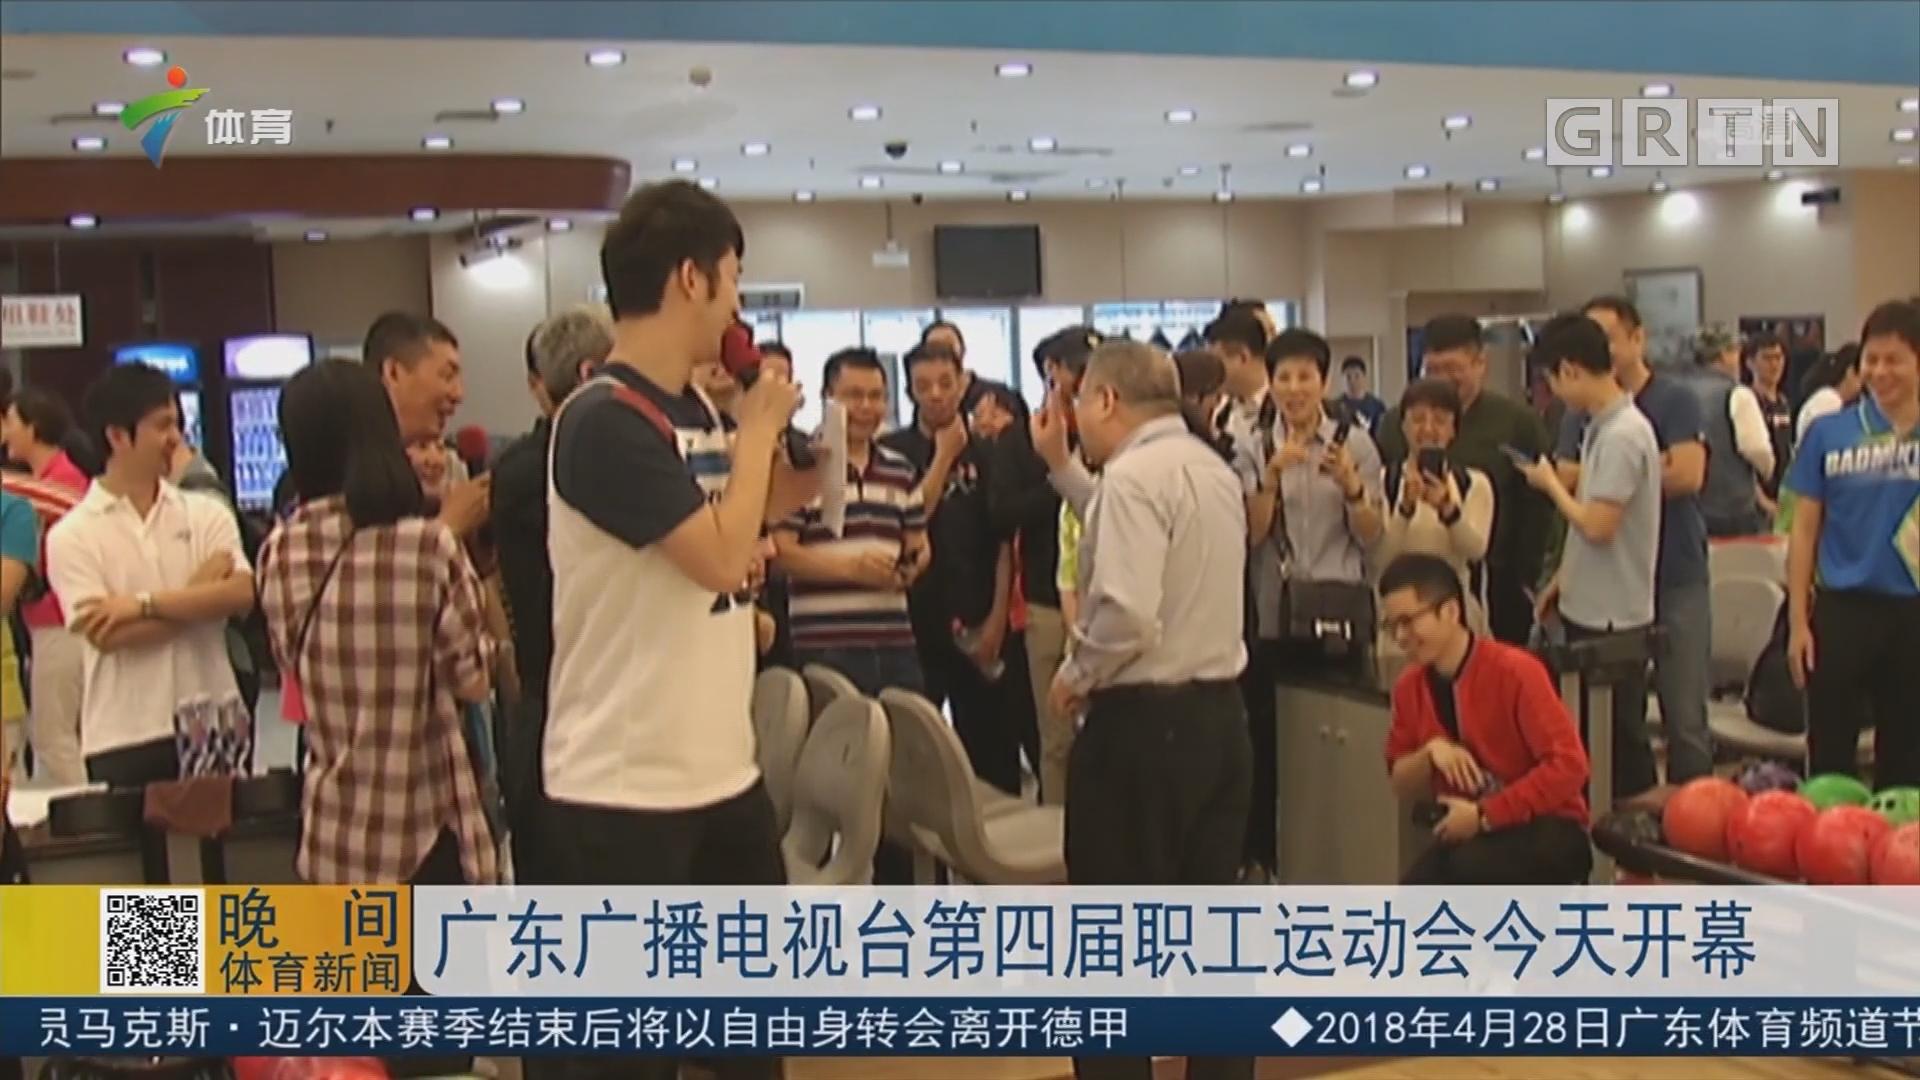 广东广播电视台第四届职工运动会今天开幕